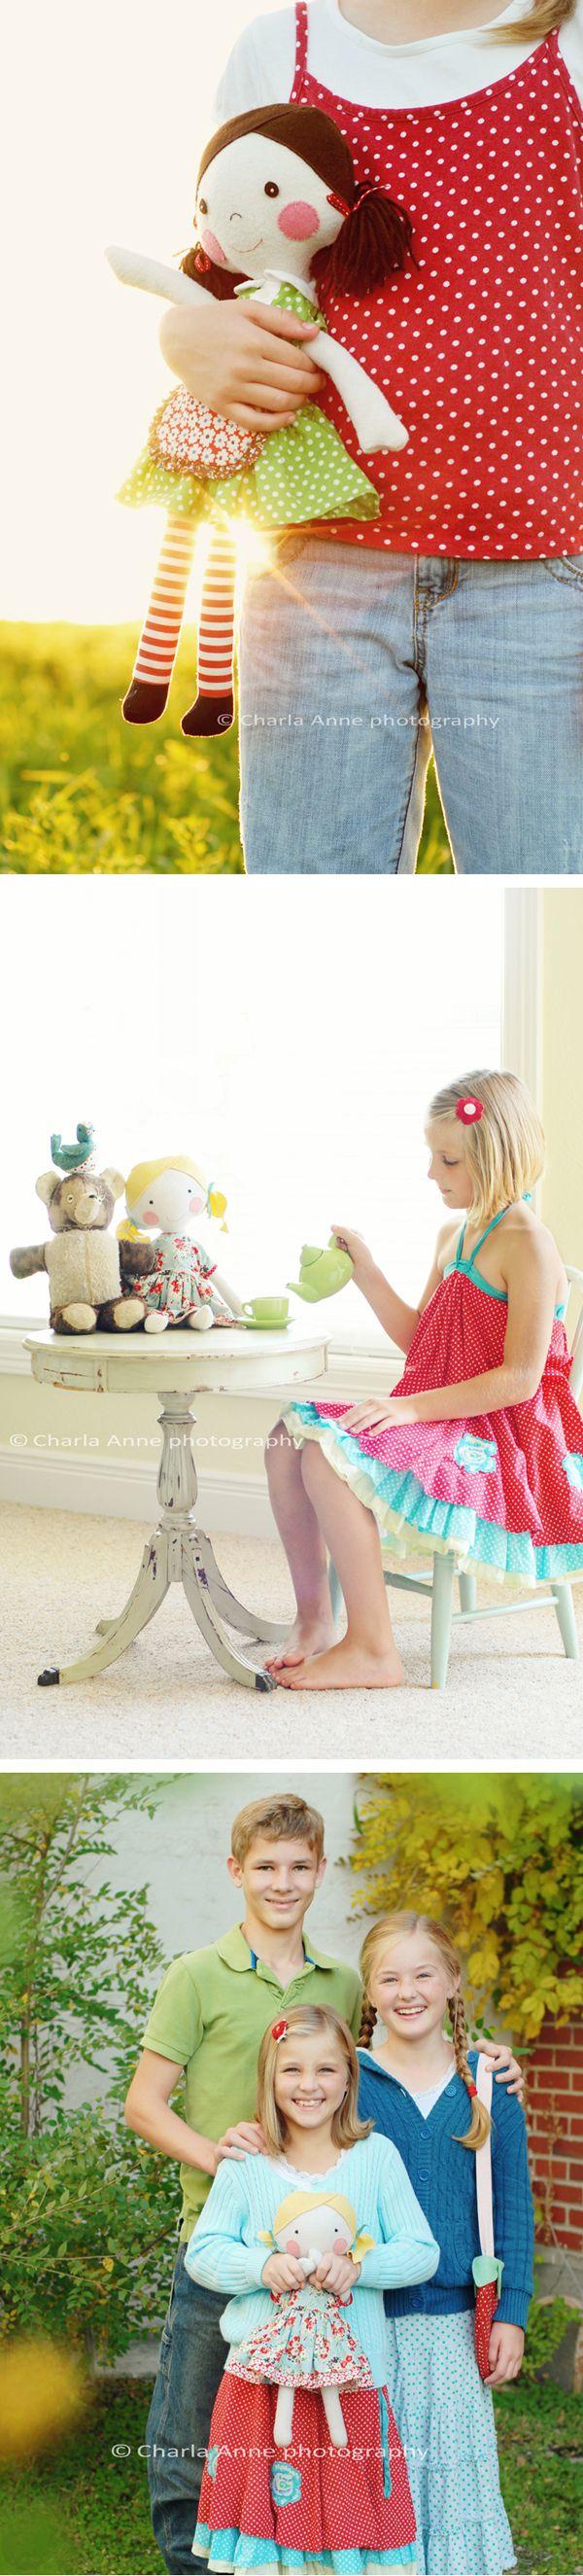 doll: Dolls Photograph, Dolls Felt, Adorable Dolls, Anne Dolls, Handmade Dolls Sooooo, Doll For My Girl, Art Dolls, Dolls Softies